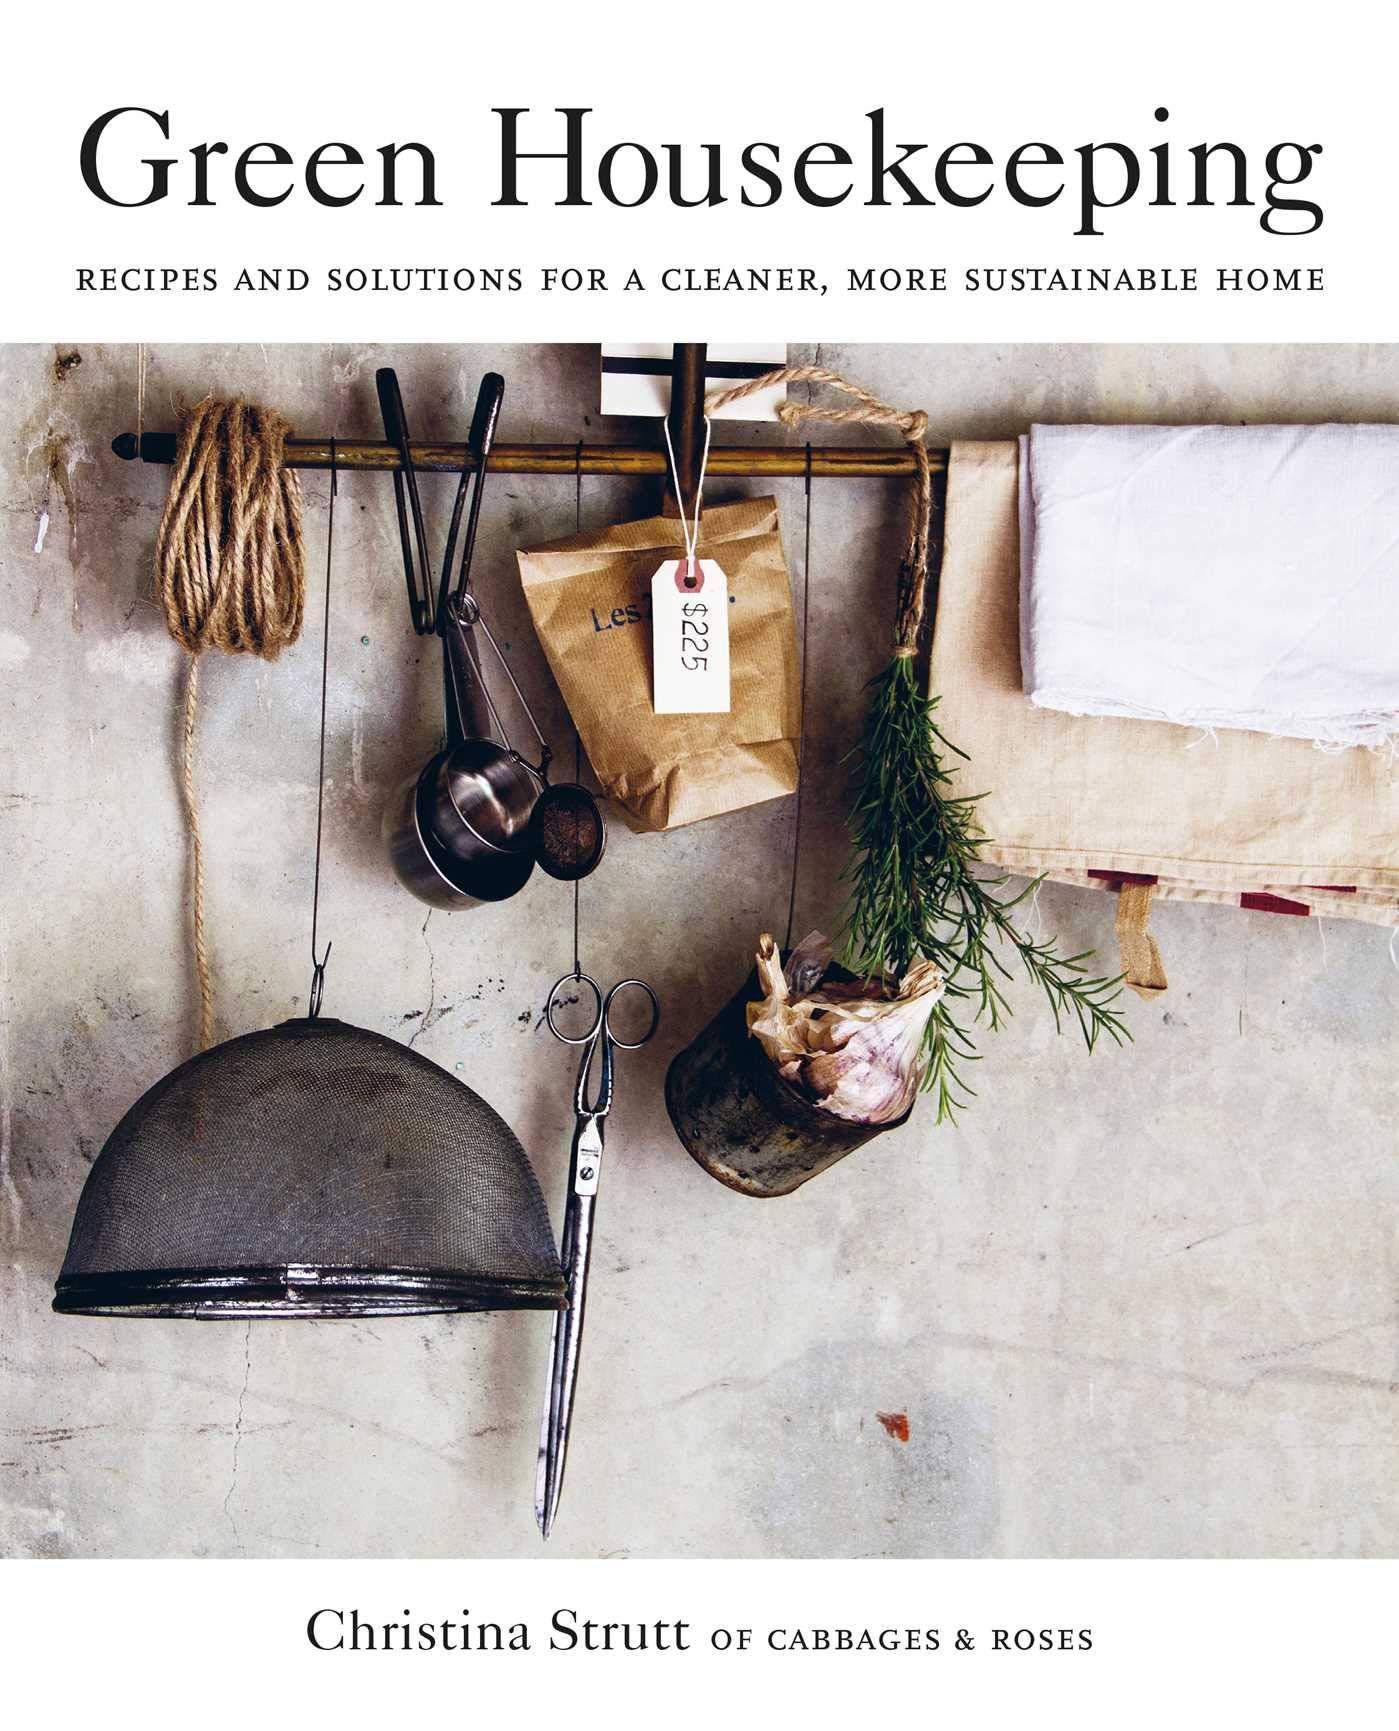 Green Housekeeping - Christina Strutt